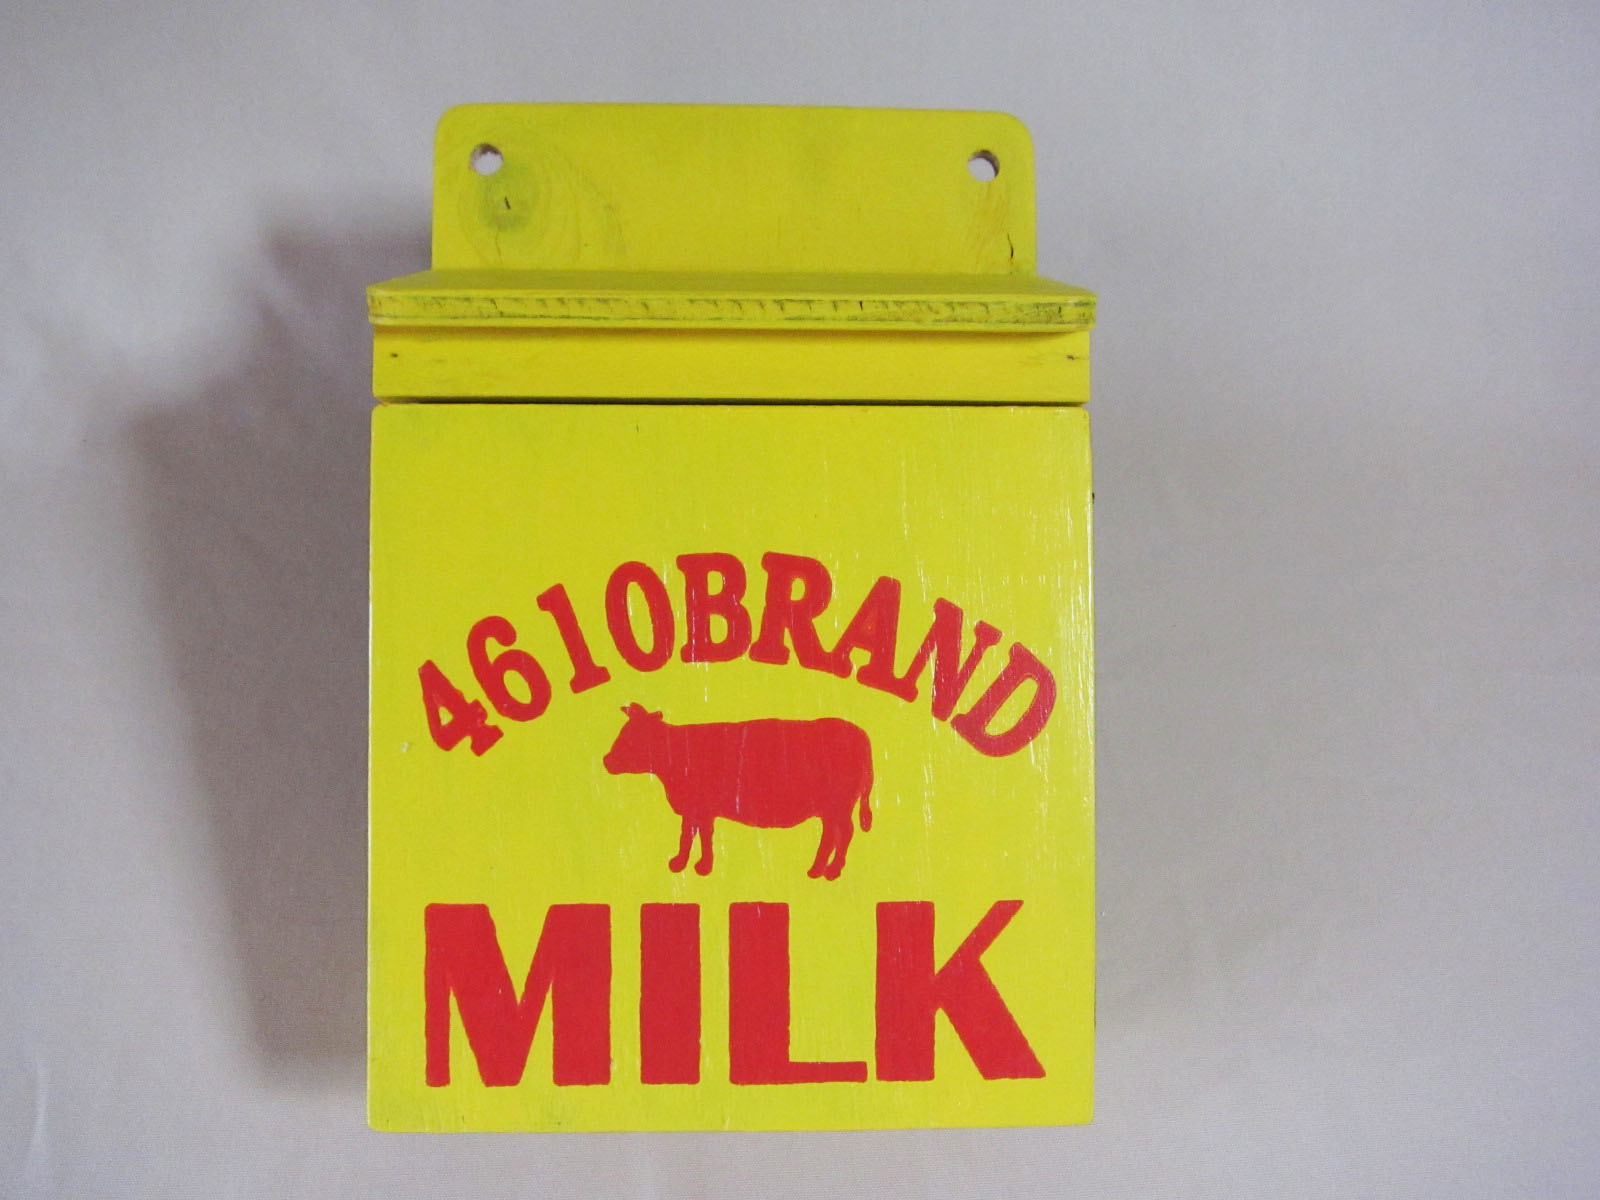 牛乳箱風キーボックス 4610BRAND MILK